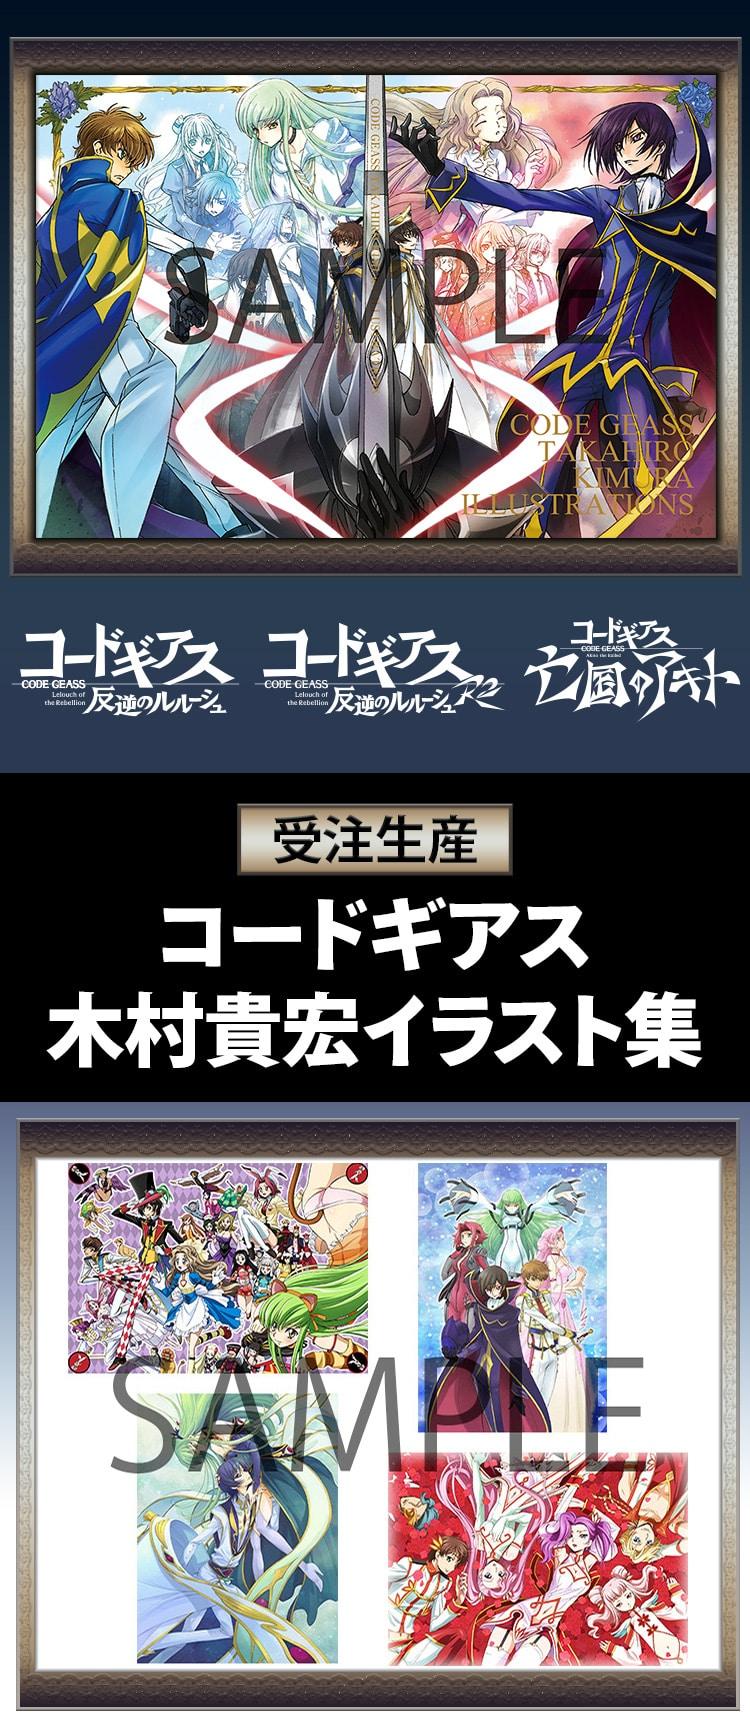 コードギアス 木村貴宏イラスト集